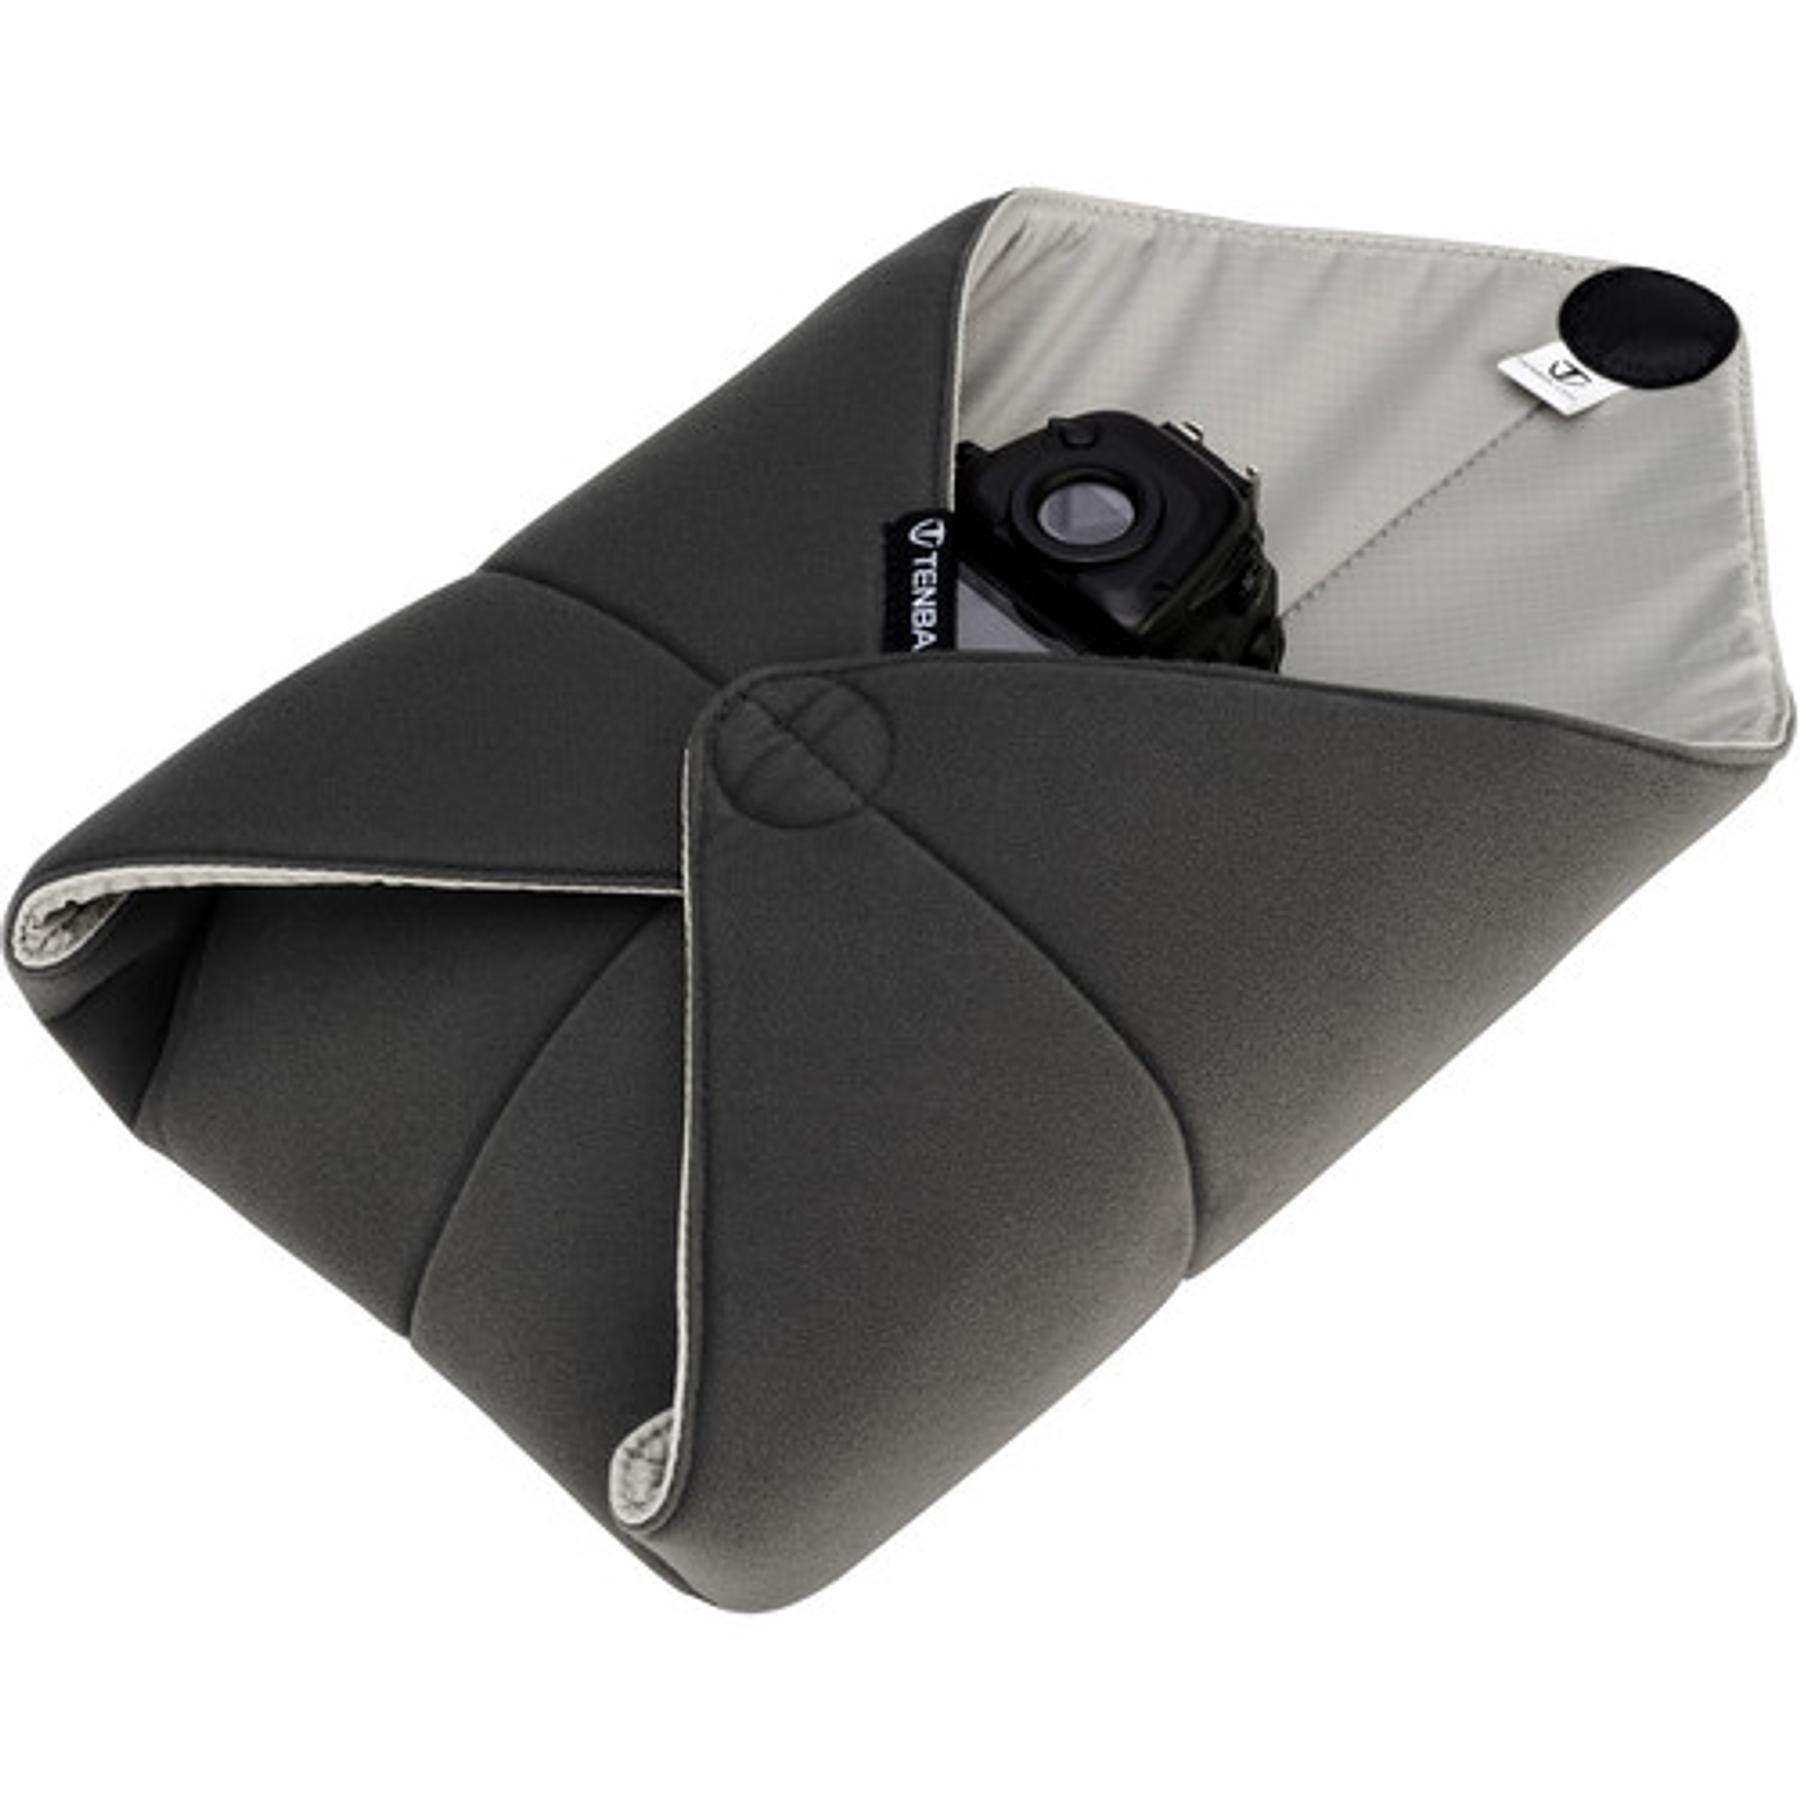 Tenba Tools 16_ Wrap – Envoltura Protectora Multiuso (40cm, Black/636-331)